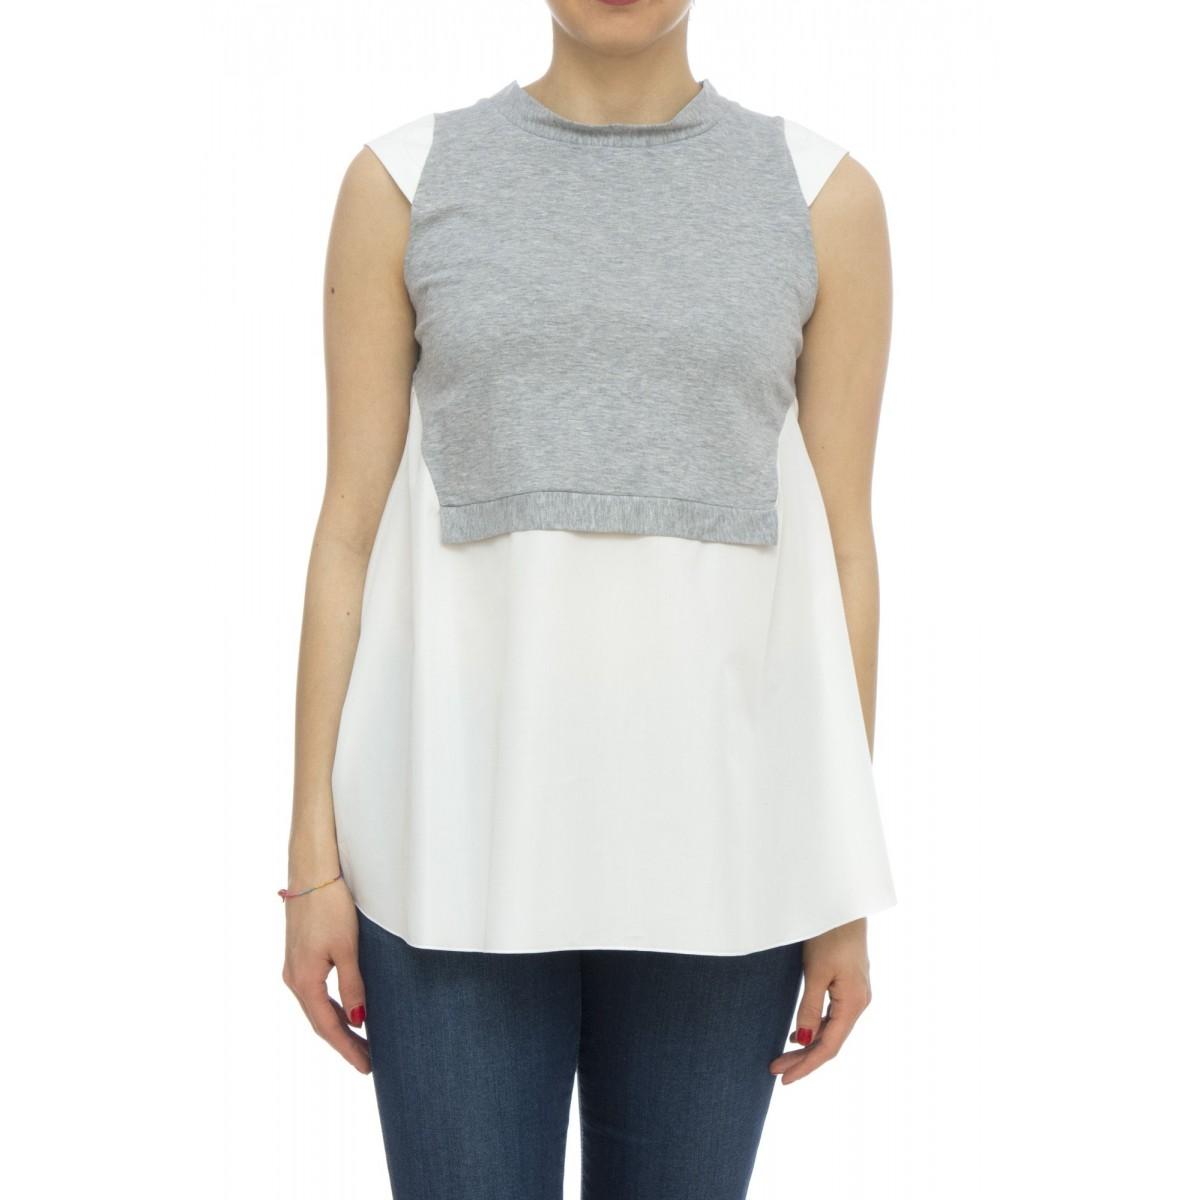 Camicia - Azzurra 25923 senza maniche jersey + cotone